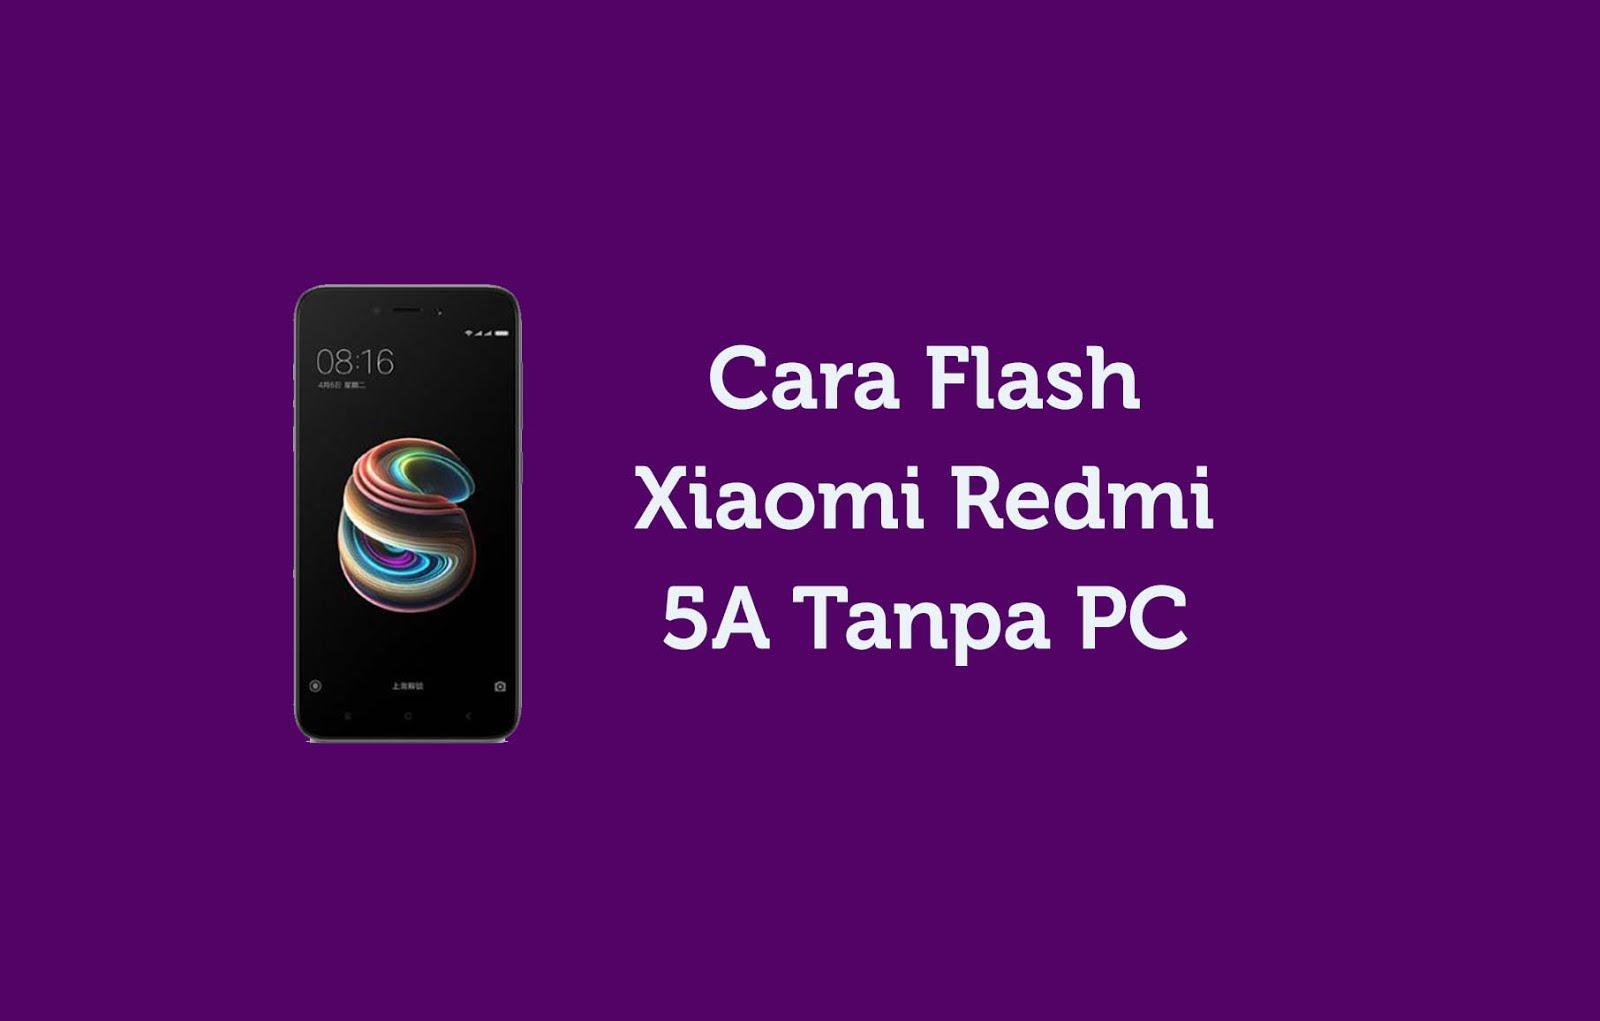 Cara Flash Xiaomi Redmi 5A Tanpa PC